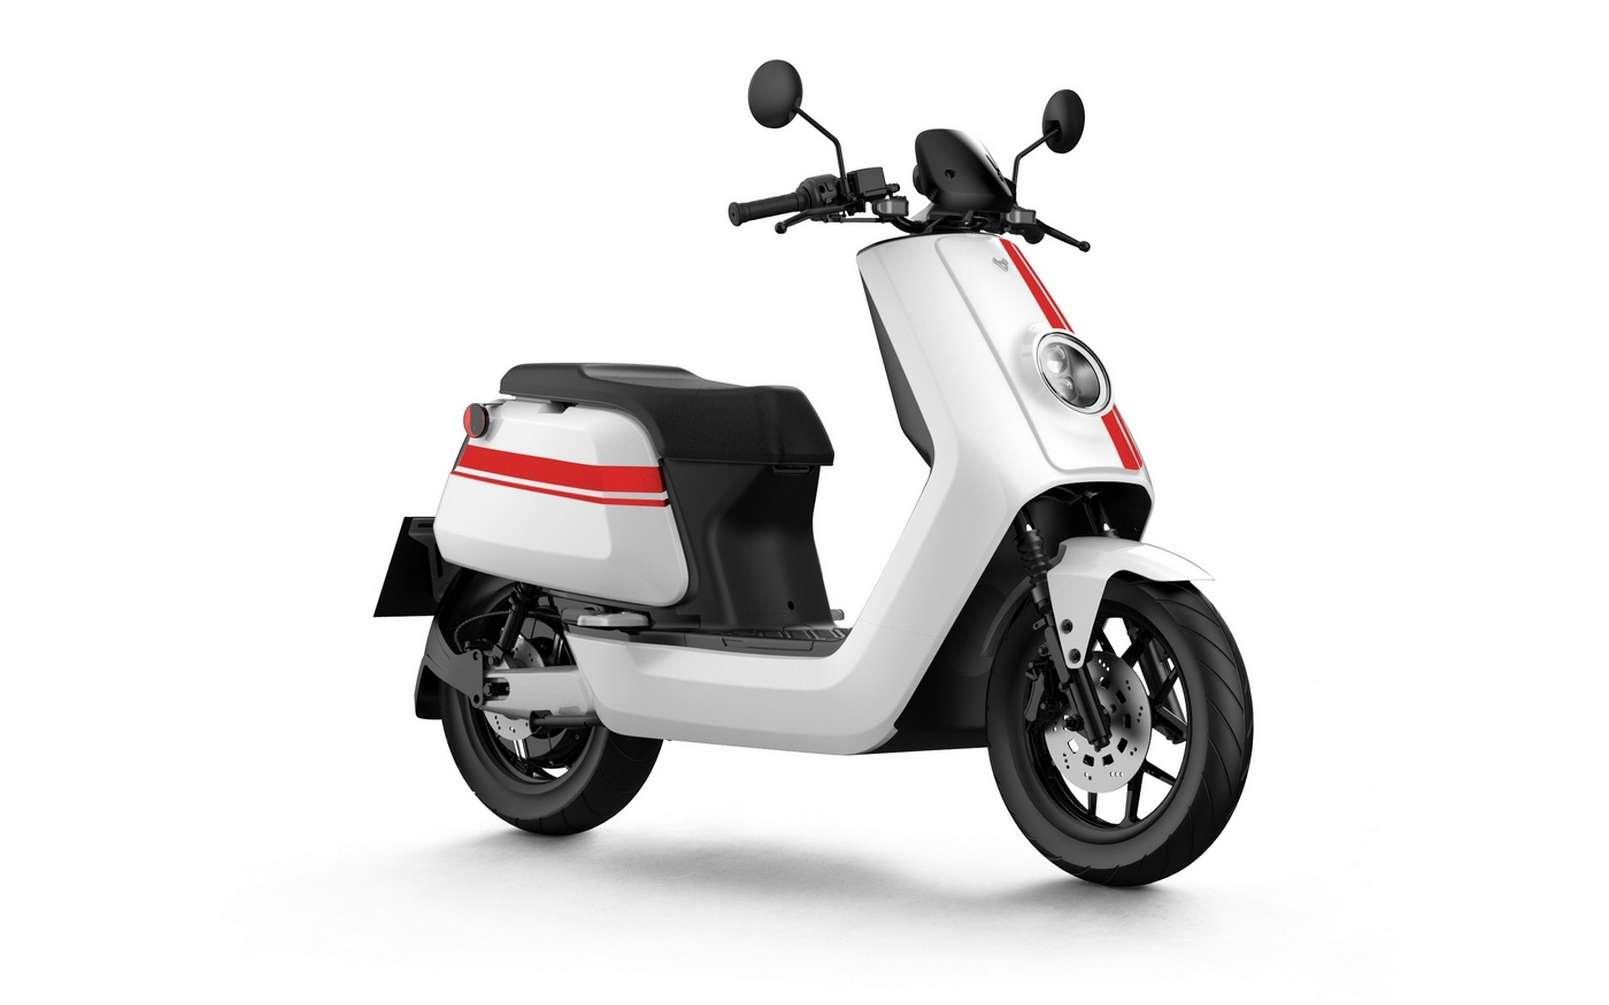 Le scooter électrique NQi GTS Pro est équipé de deux batteries lithium ion 60V. © NIU